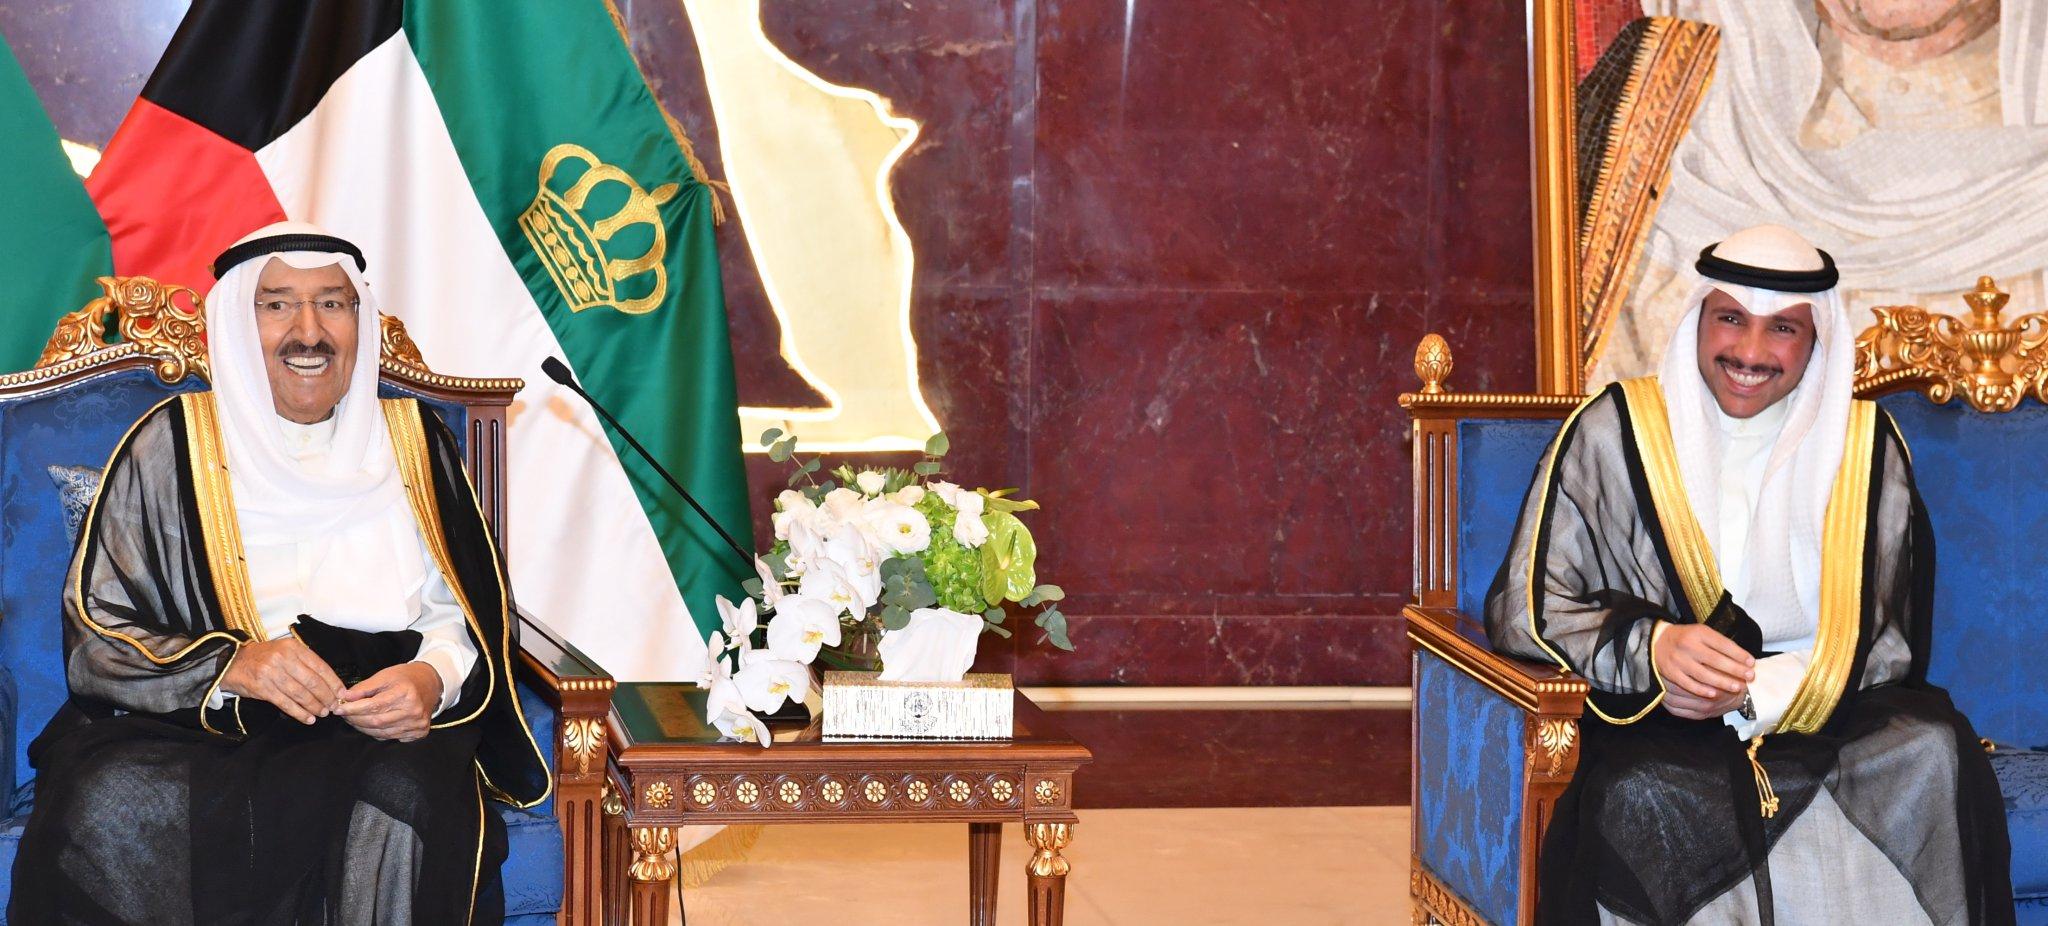 سمو الأمير يزور وزارة الخارجية